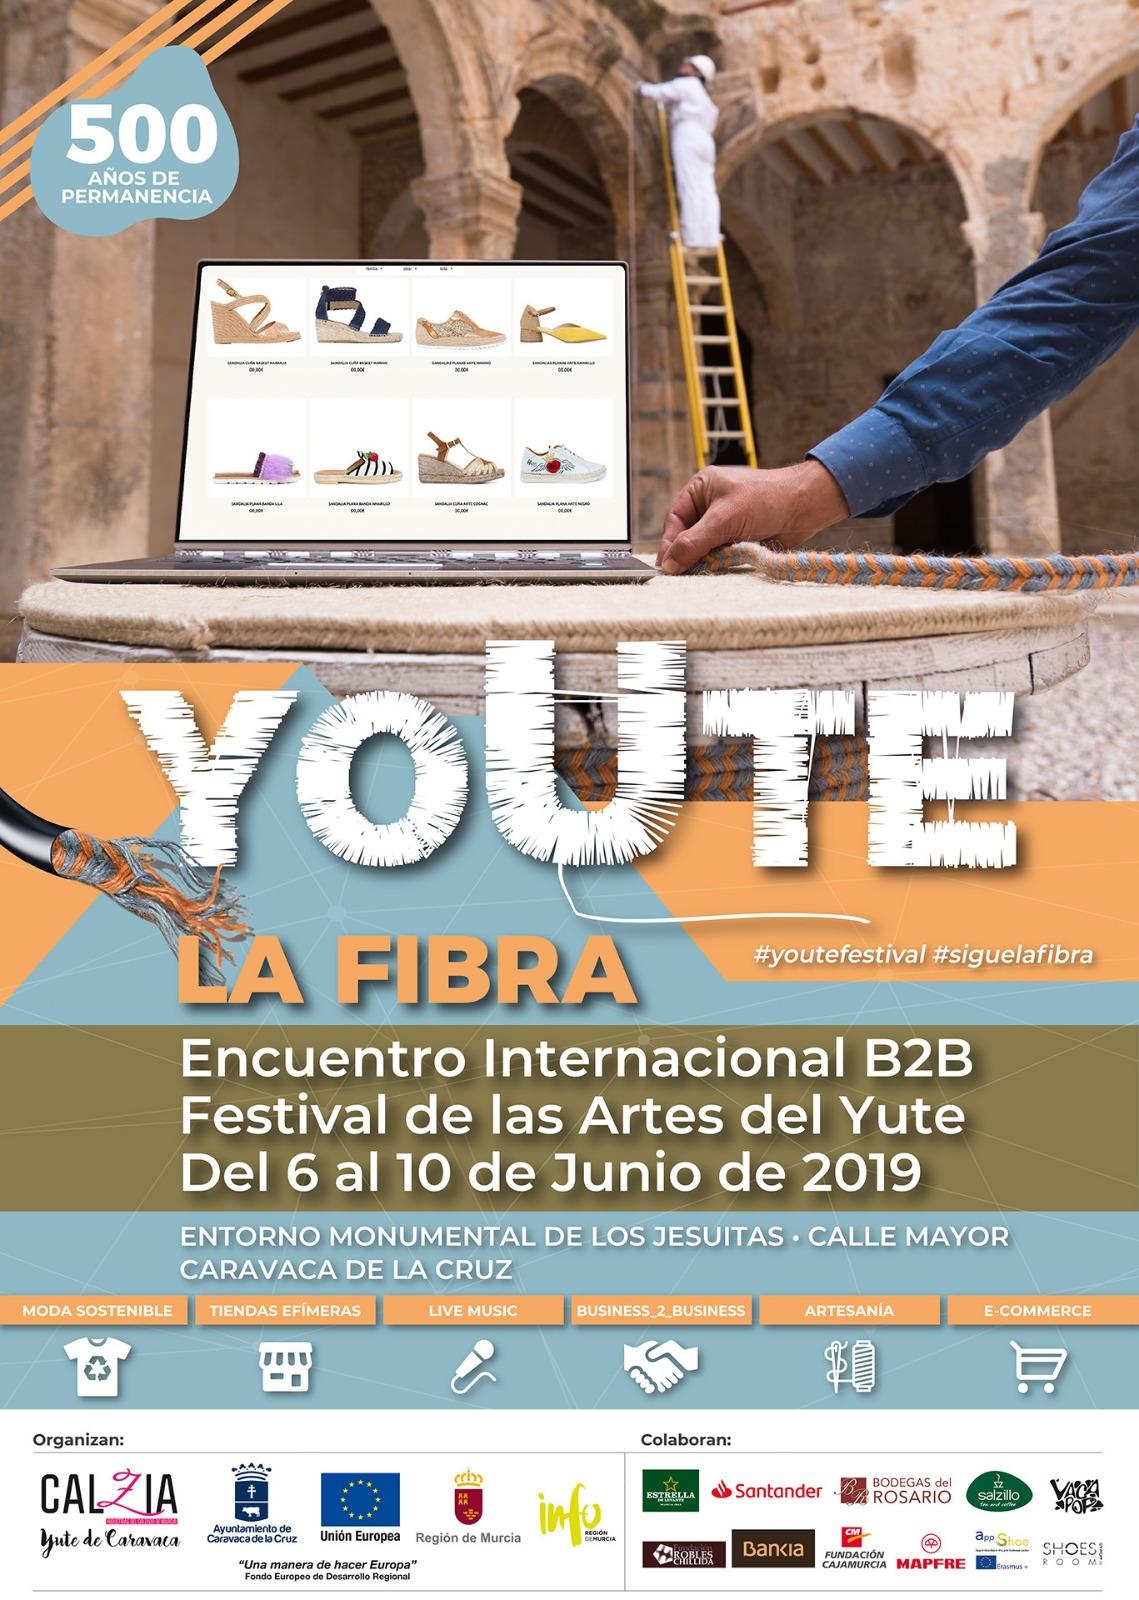 Festival de las Artes del Yute 2019